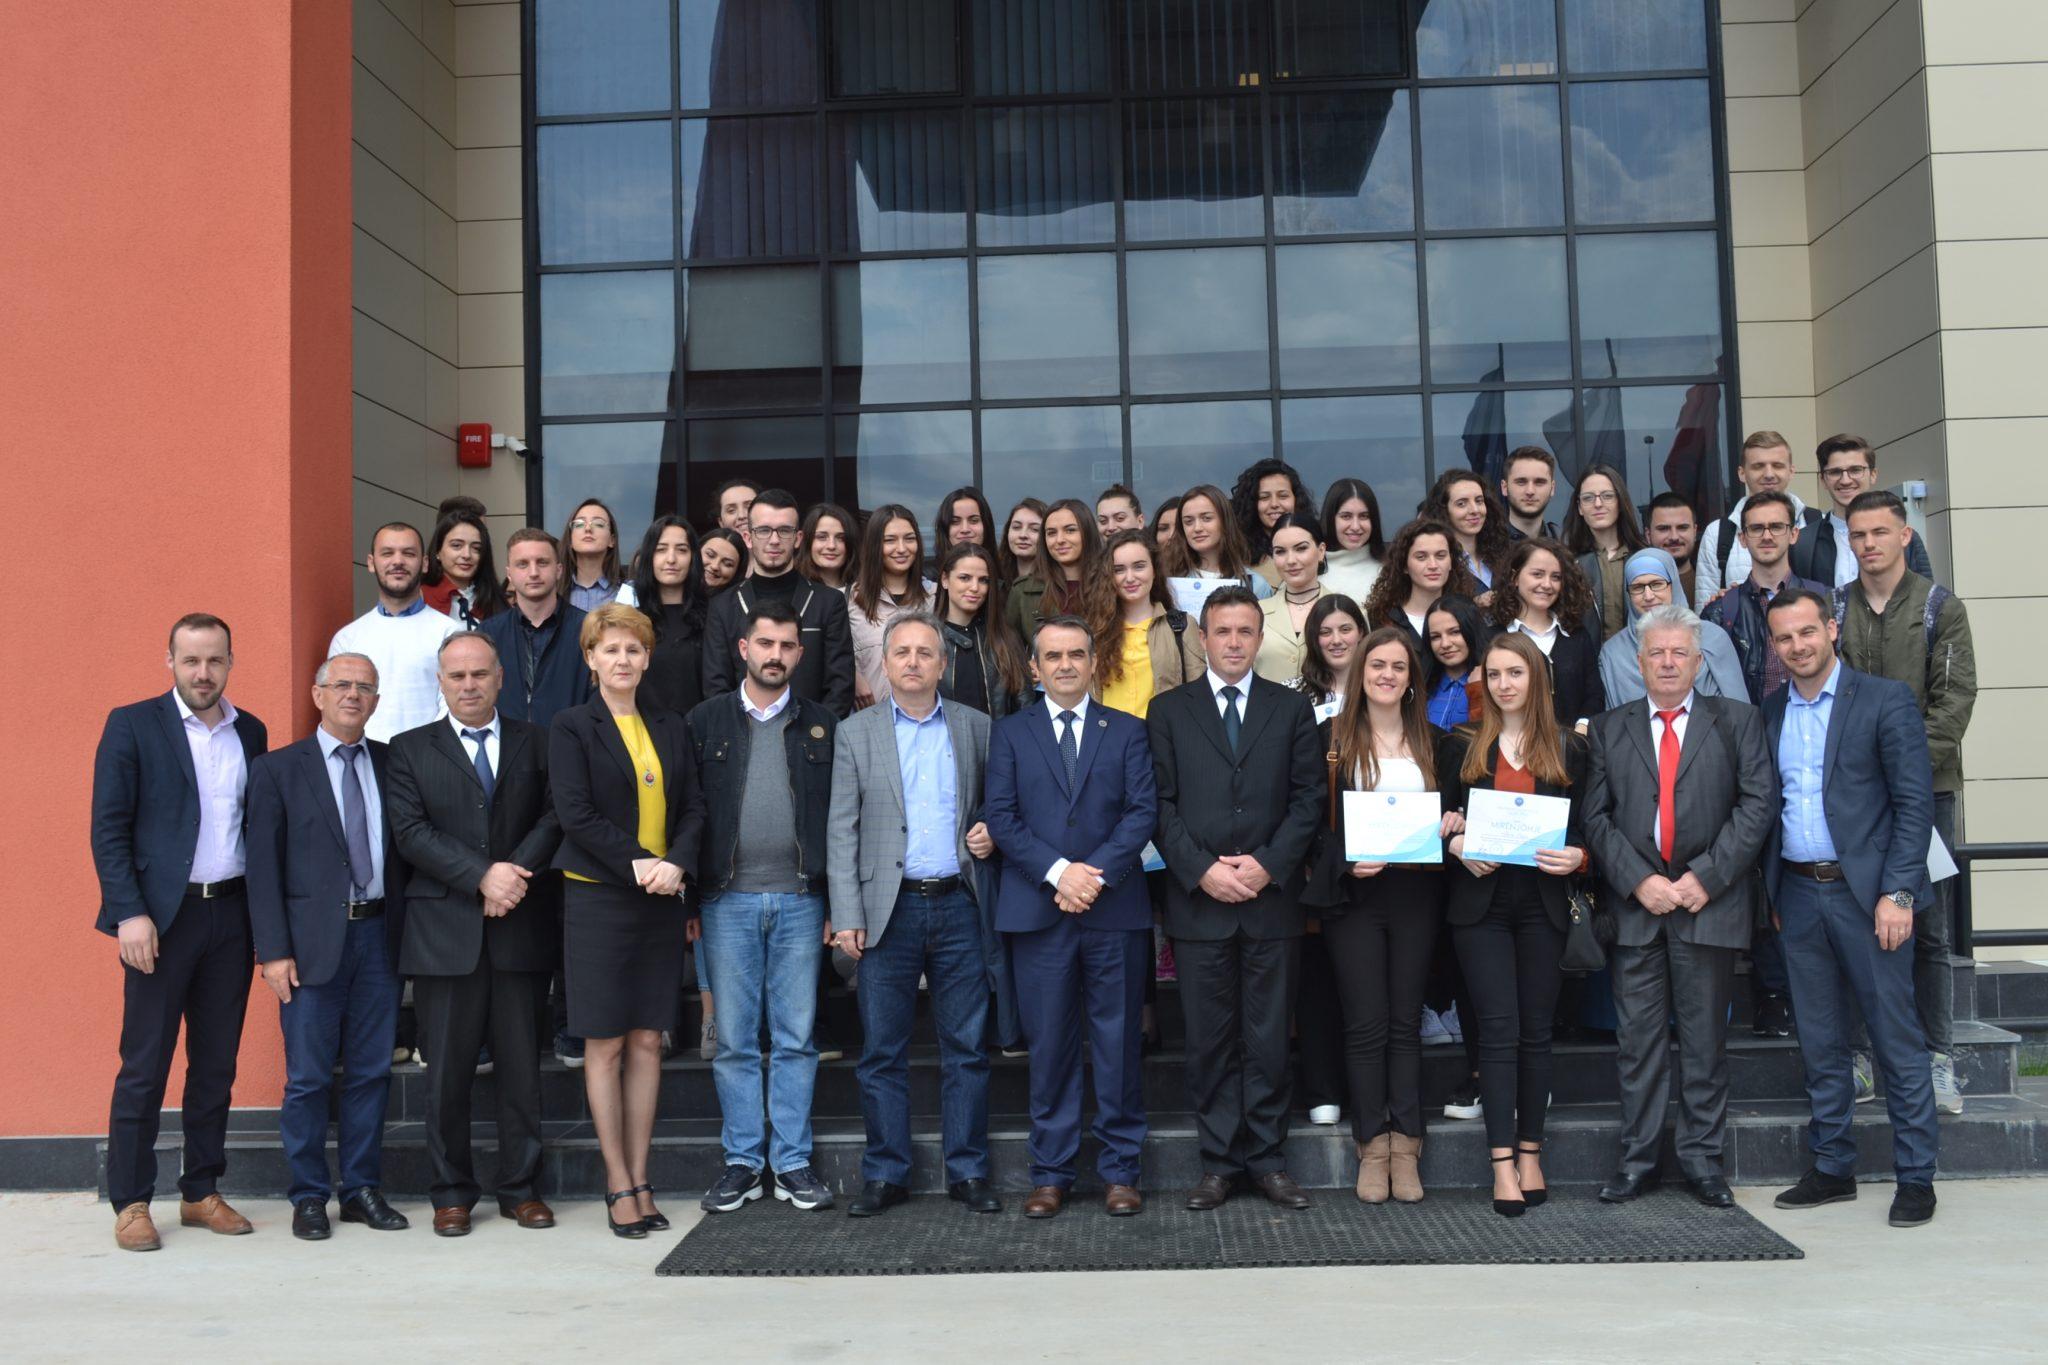 Mirënjohje Për Studentët Që Kanë Përfituar Bursat Për Vitin Akademik 2017/18